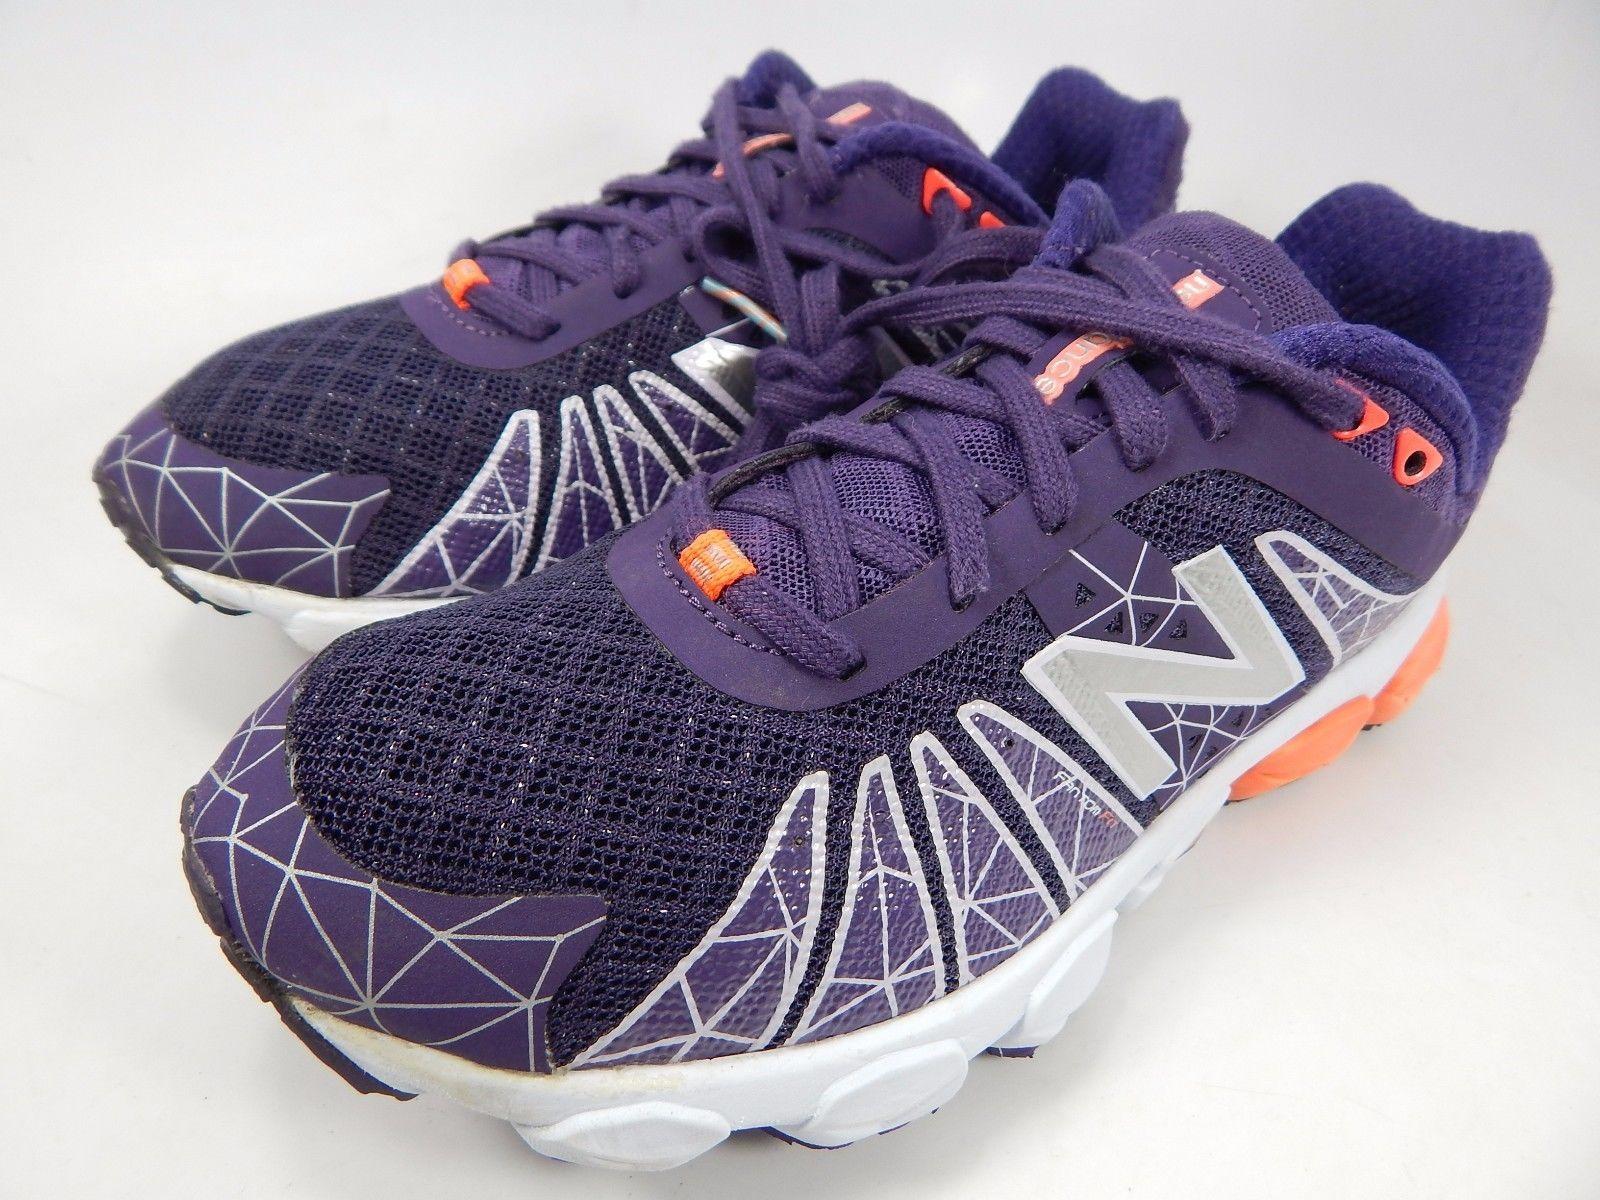 NEW BALANCE 890 V4 Barringer Women's Running Shoes Sz US 6.5